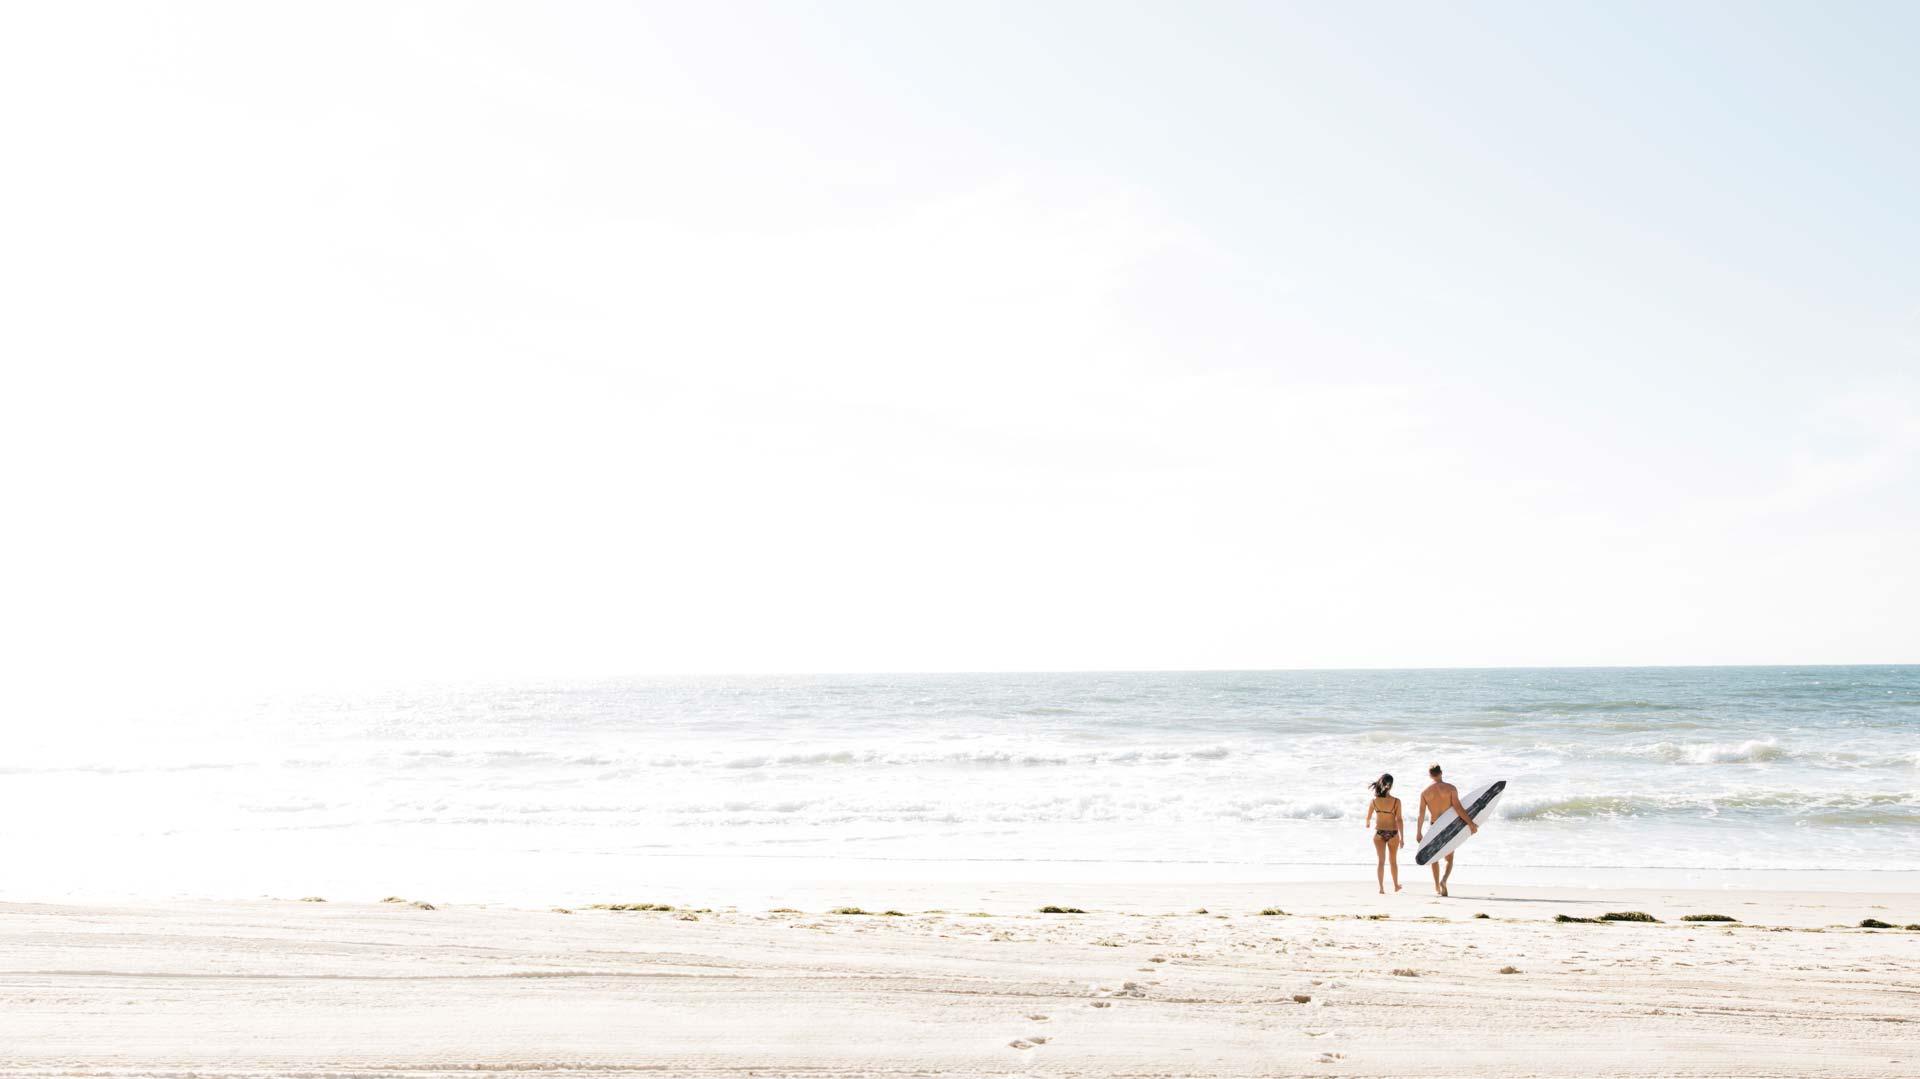 Beautiful image of Caloundra Beach